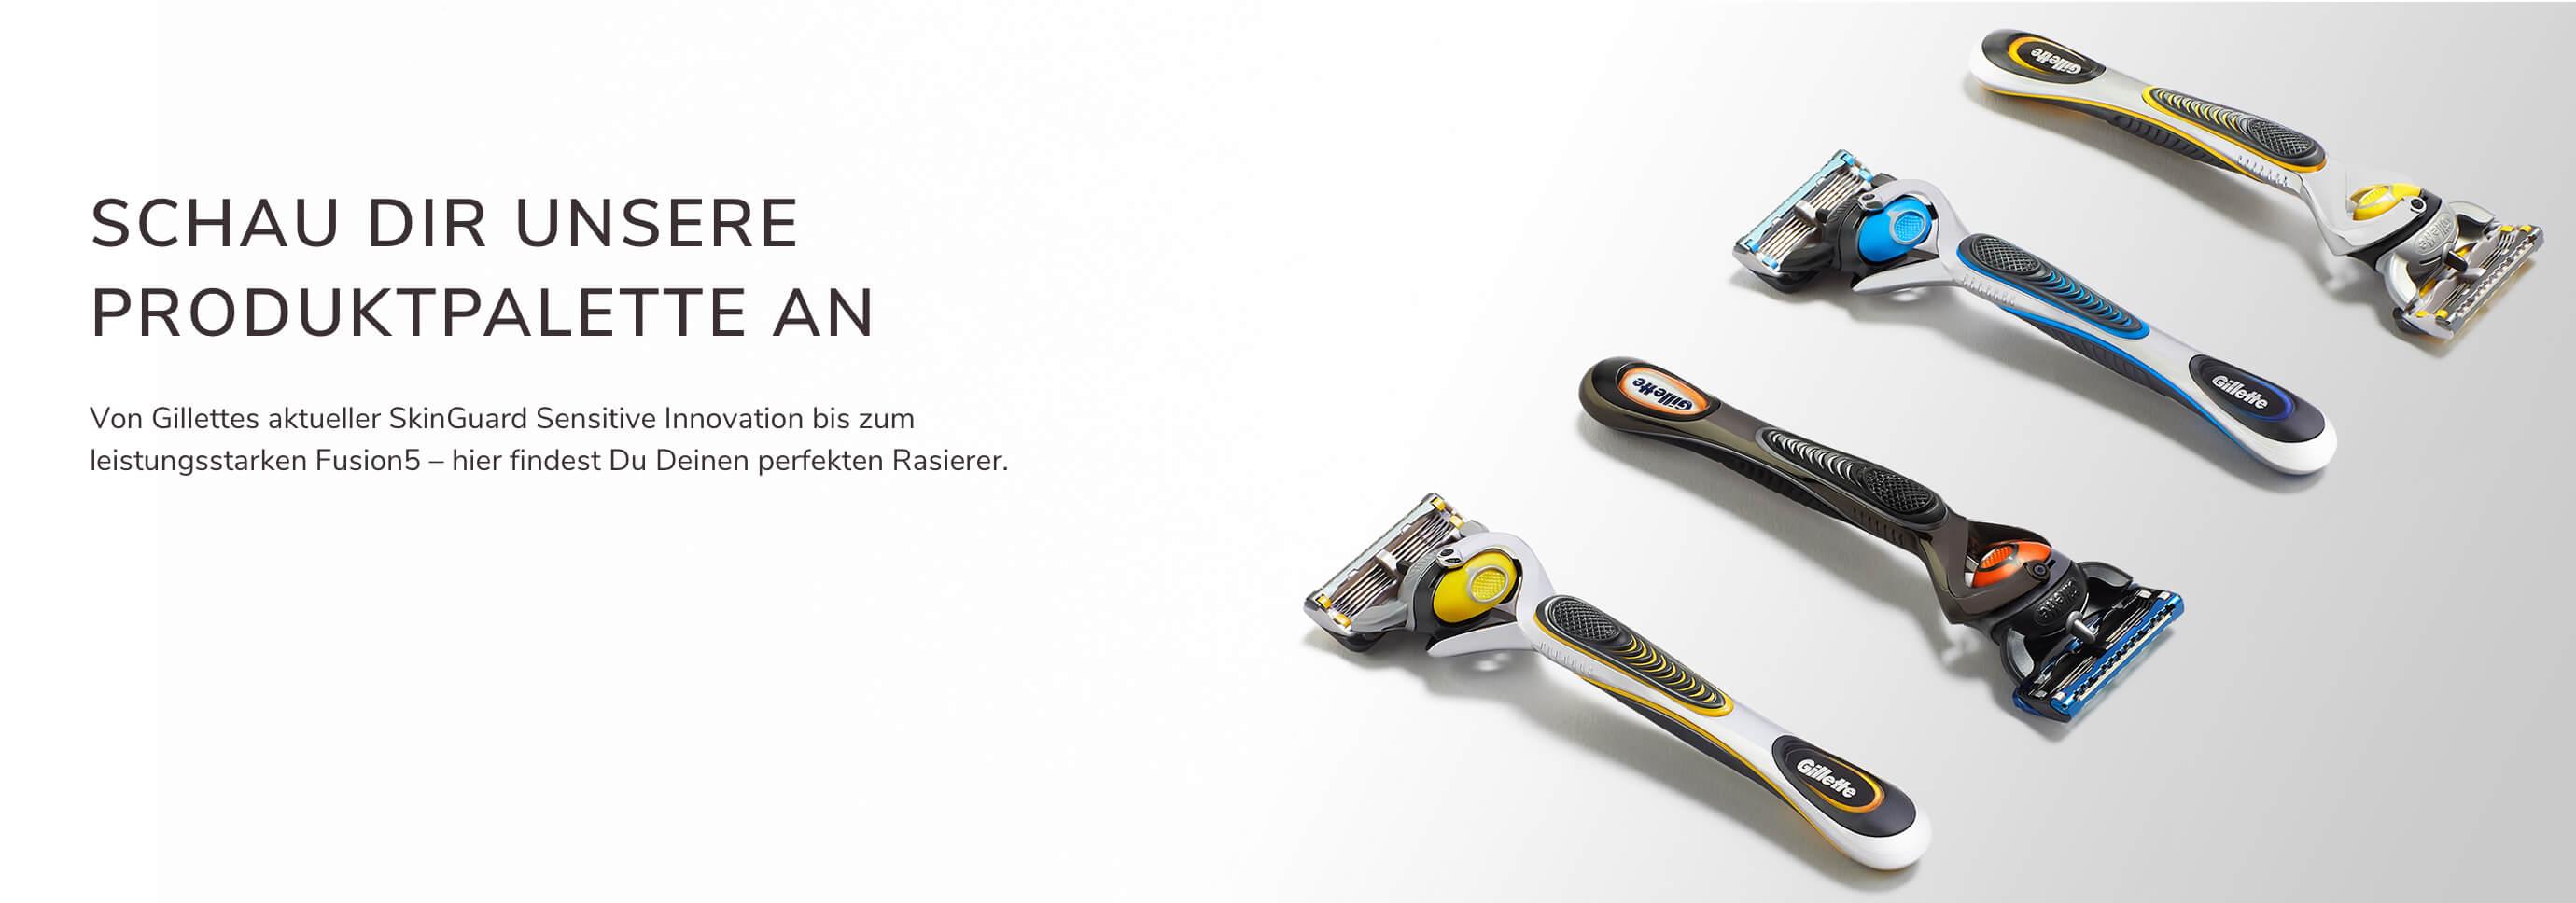 Produkt Portfolio von Gillette: Unser Sortiment an Rasierern, Rasierklingen, Rasiergels und Rasierschaum per Marke